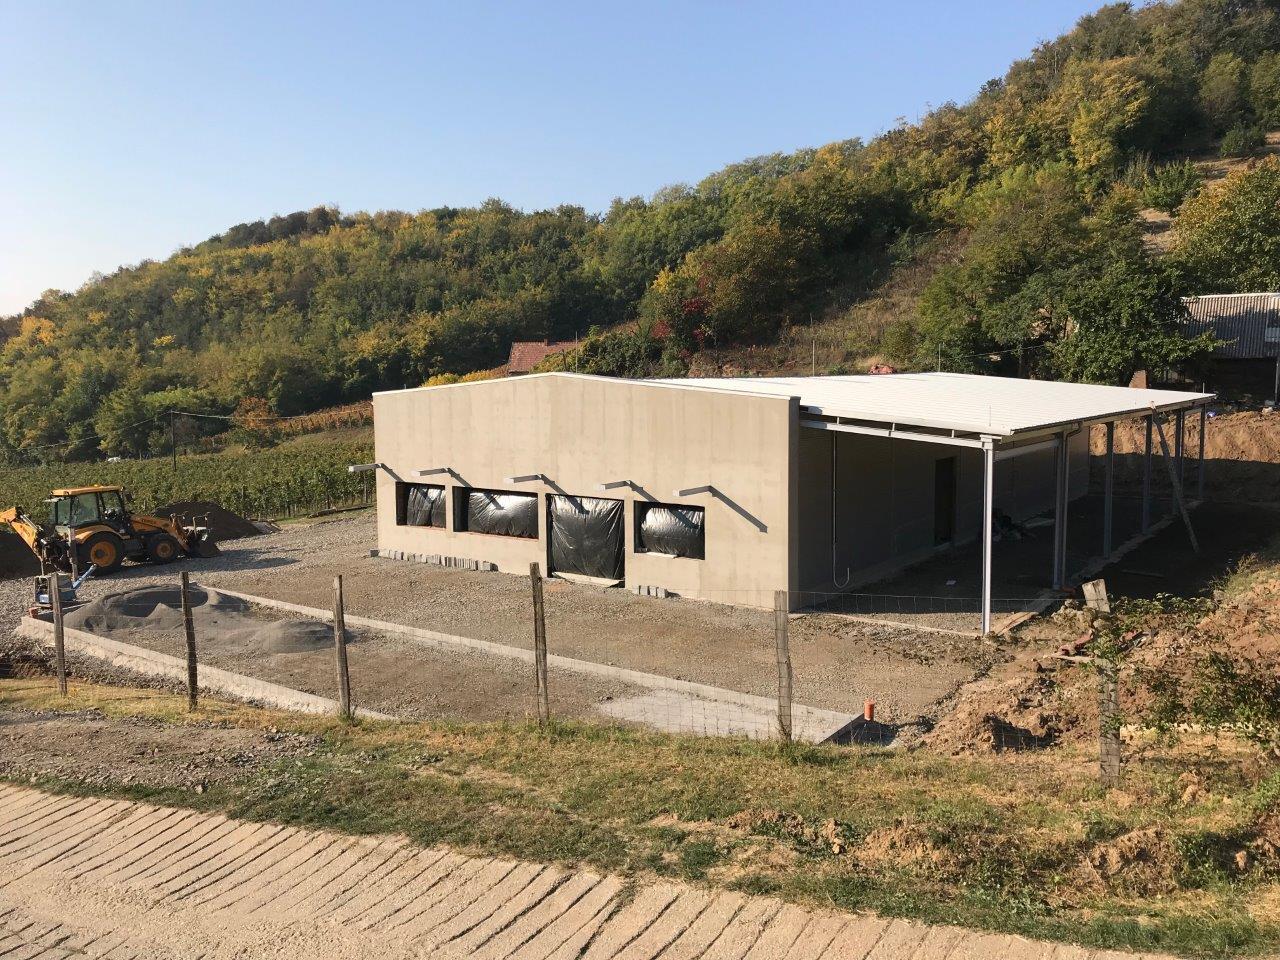 Könnyűszerketes acélcsarnok építése borászat részére